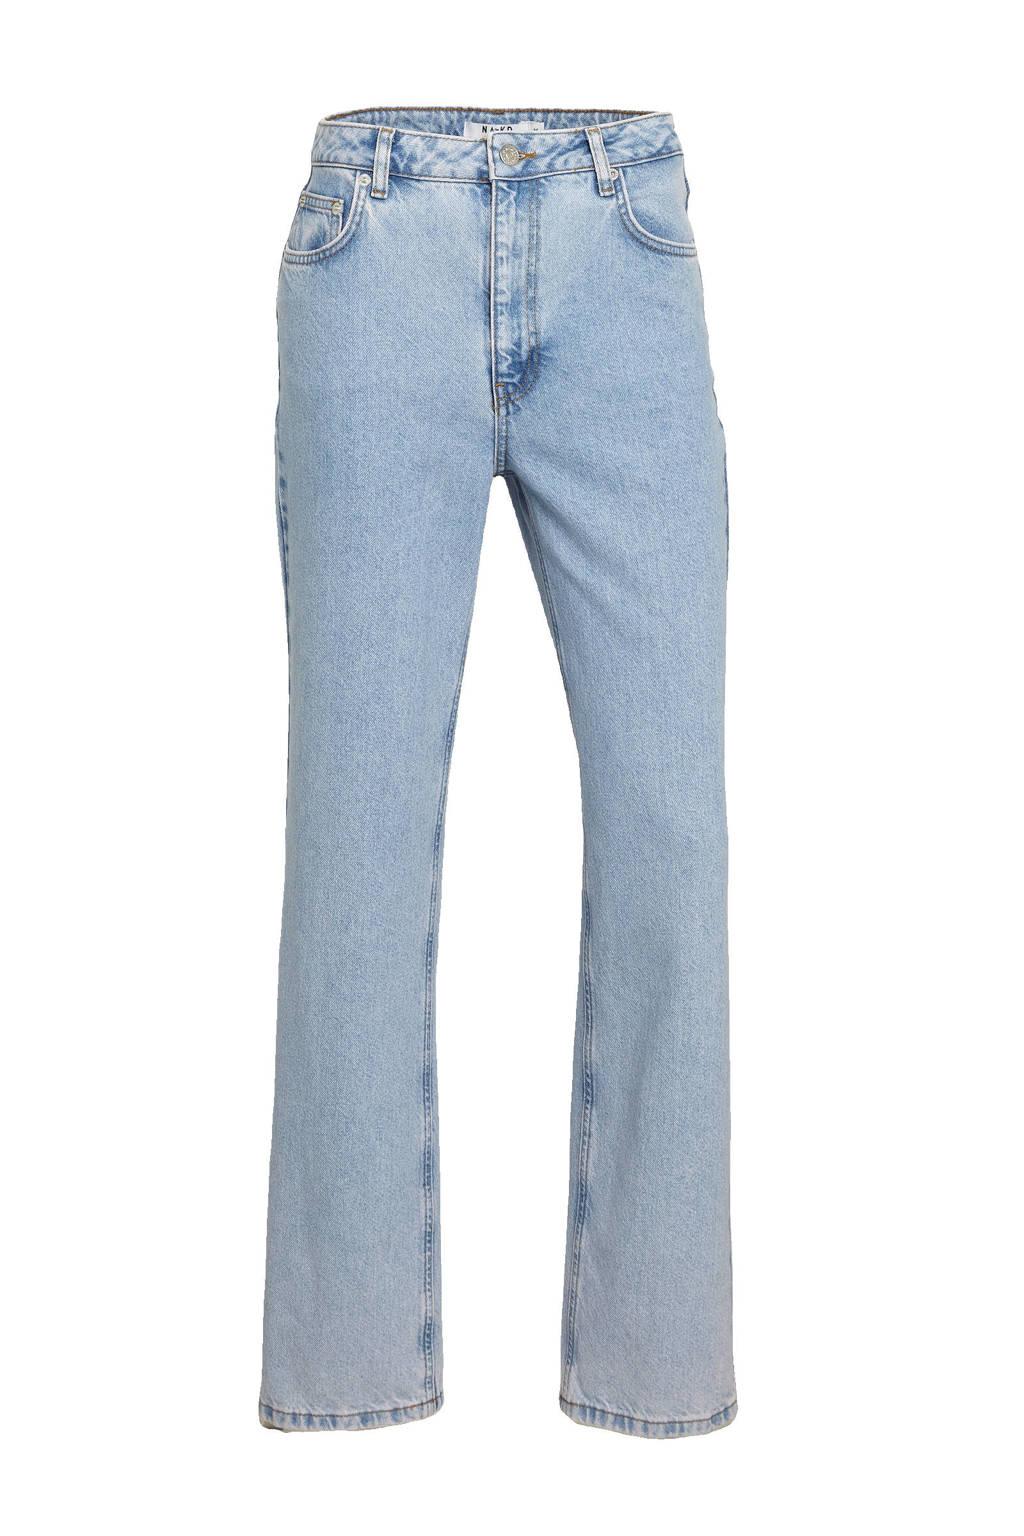 NA-KD high waist straight fit jeans lichtblauw, Lichtblauw